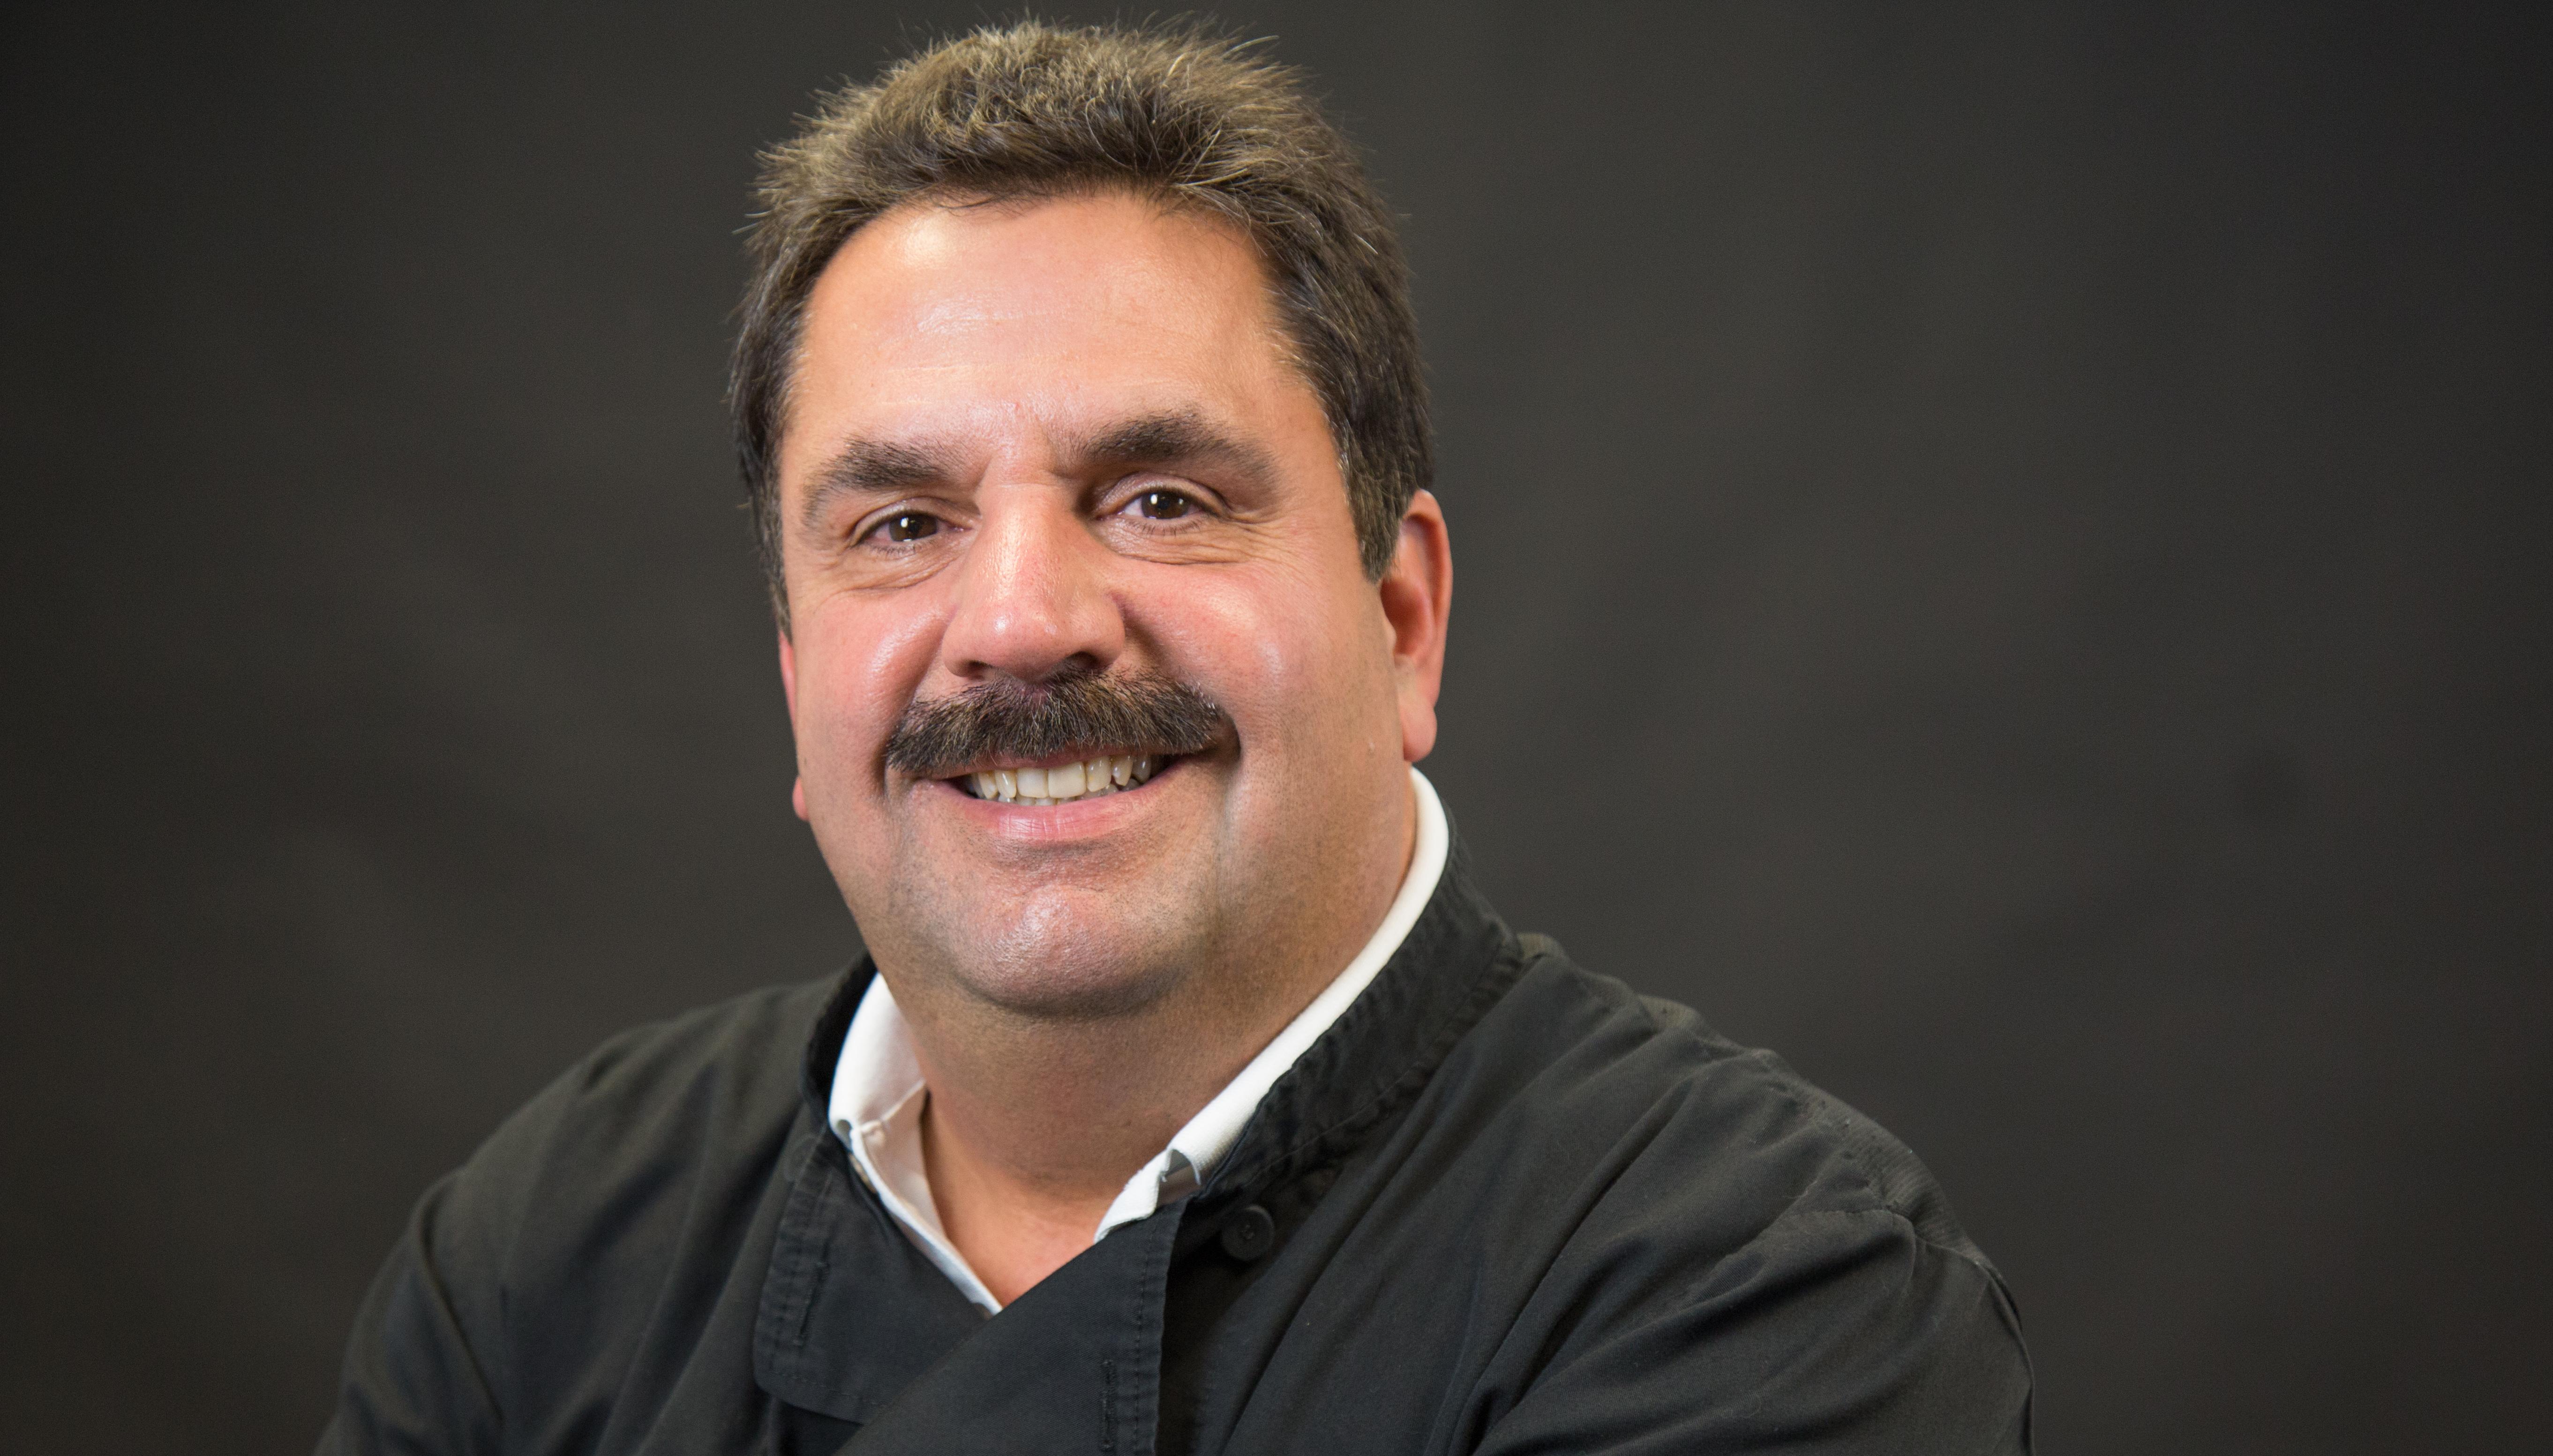 Chef Luis Liceaga. Photographed by Samantha Laub/AL DÍA News.